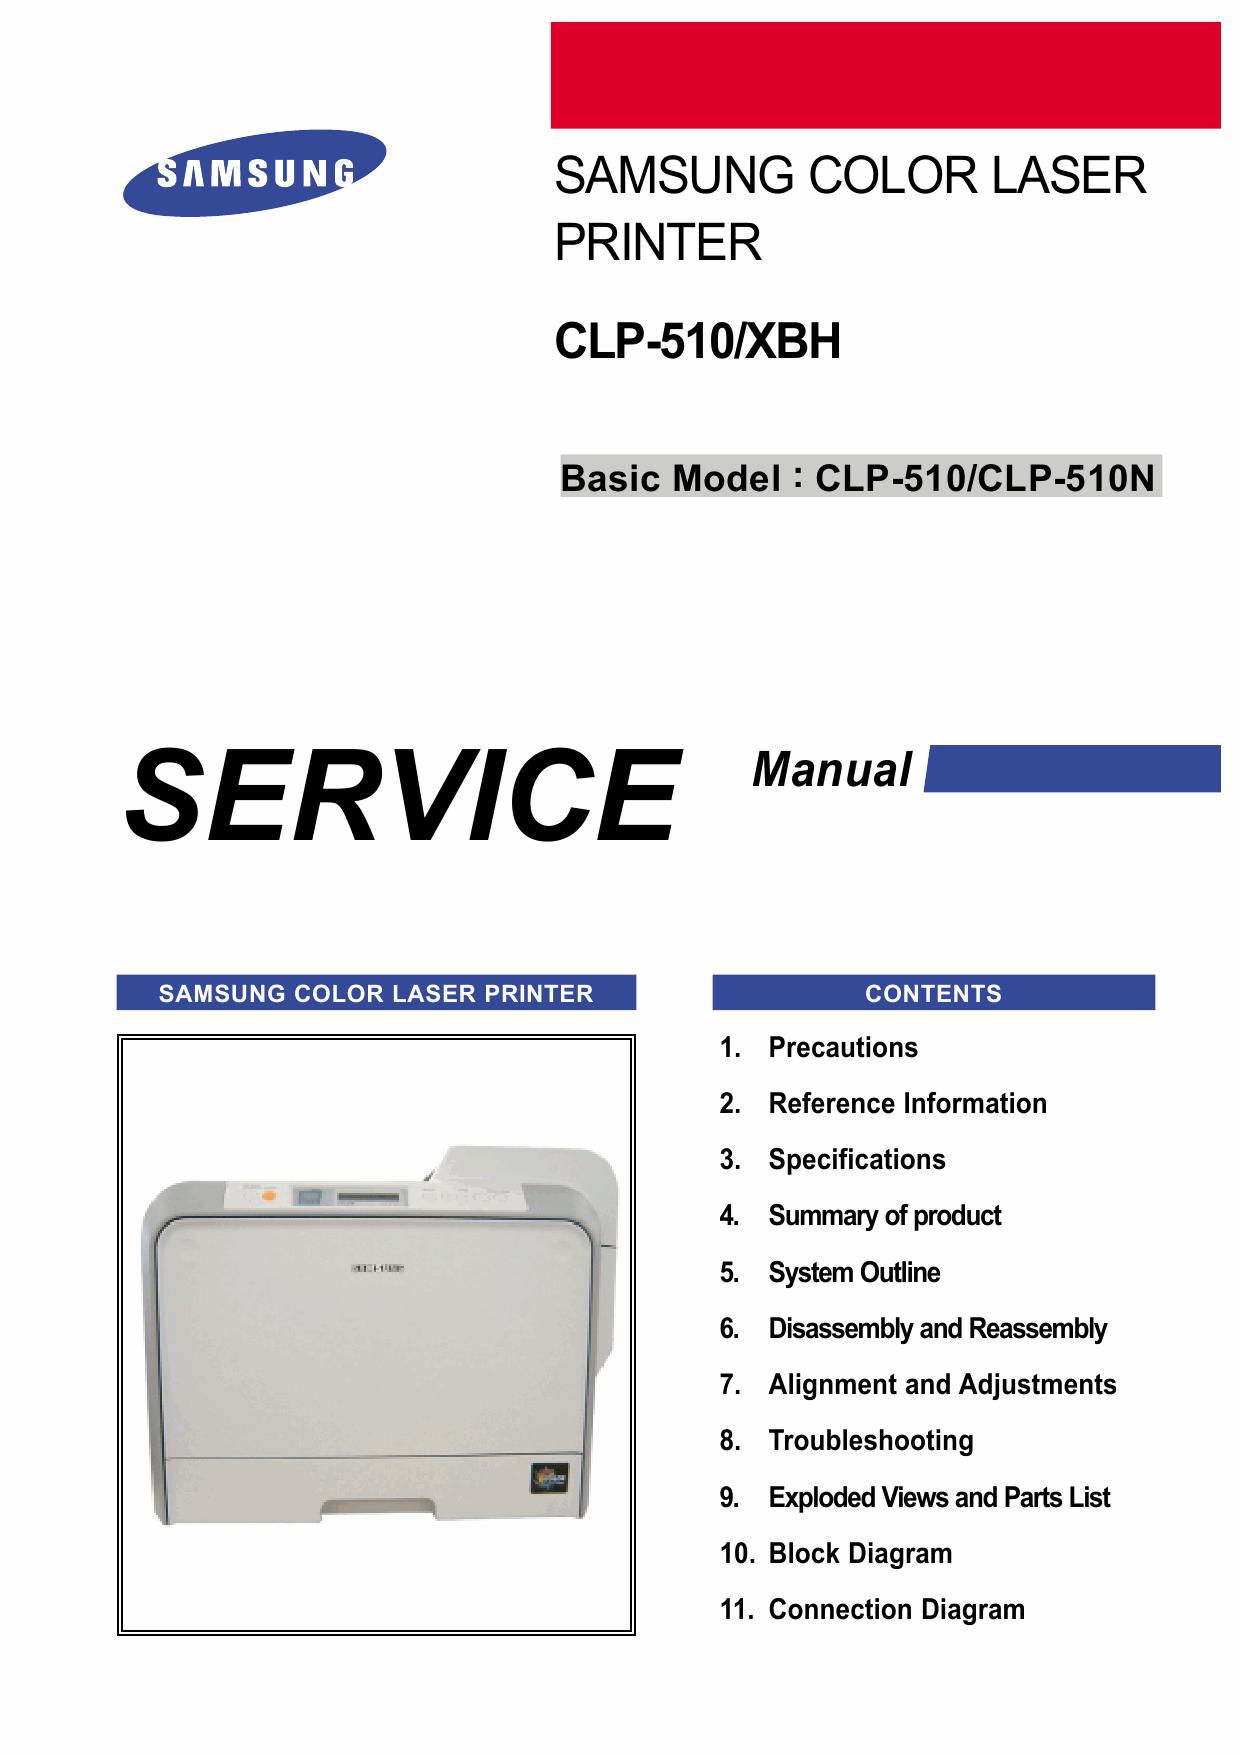 Samsung Color Laser Printer Clp